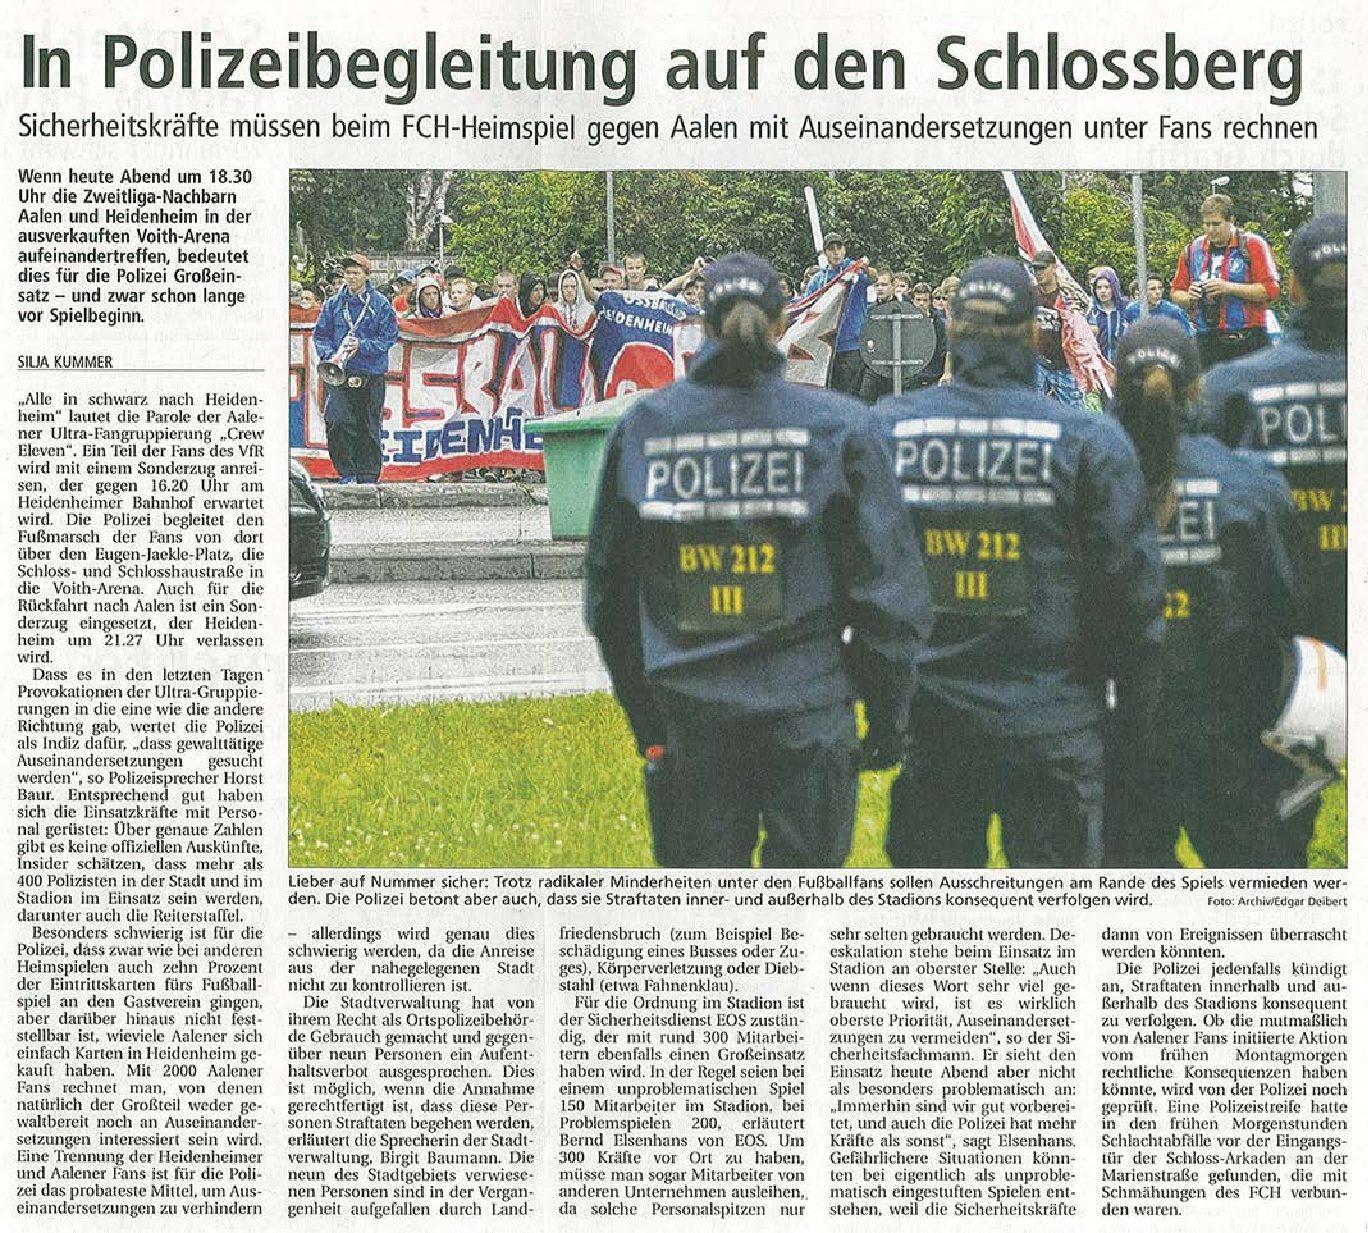 Polizeibegleitung beim FCH-Heimspiel